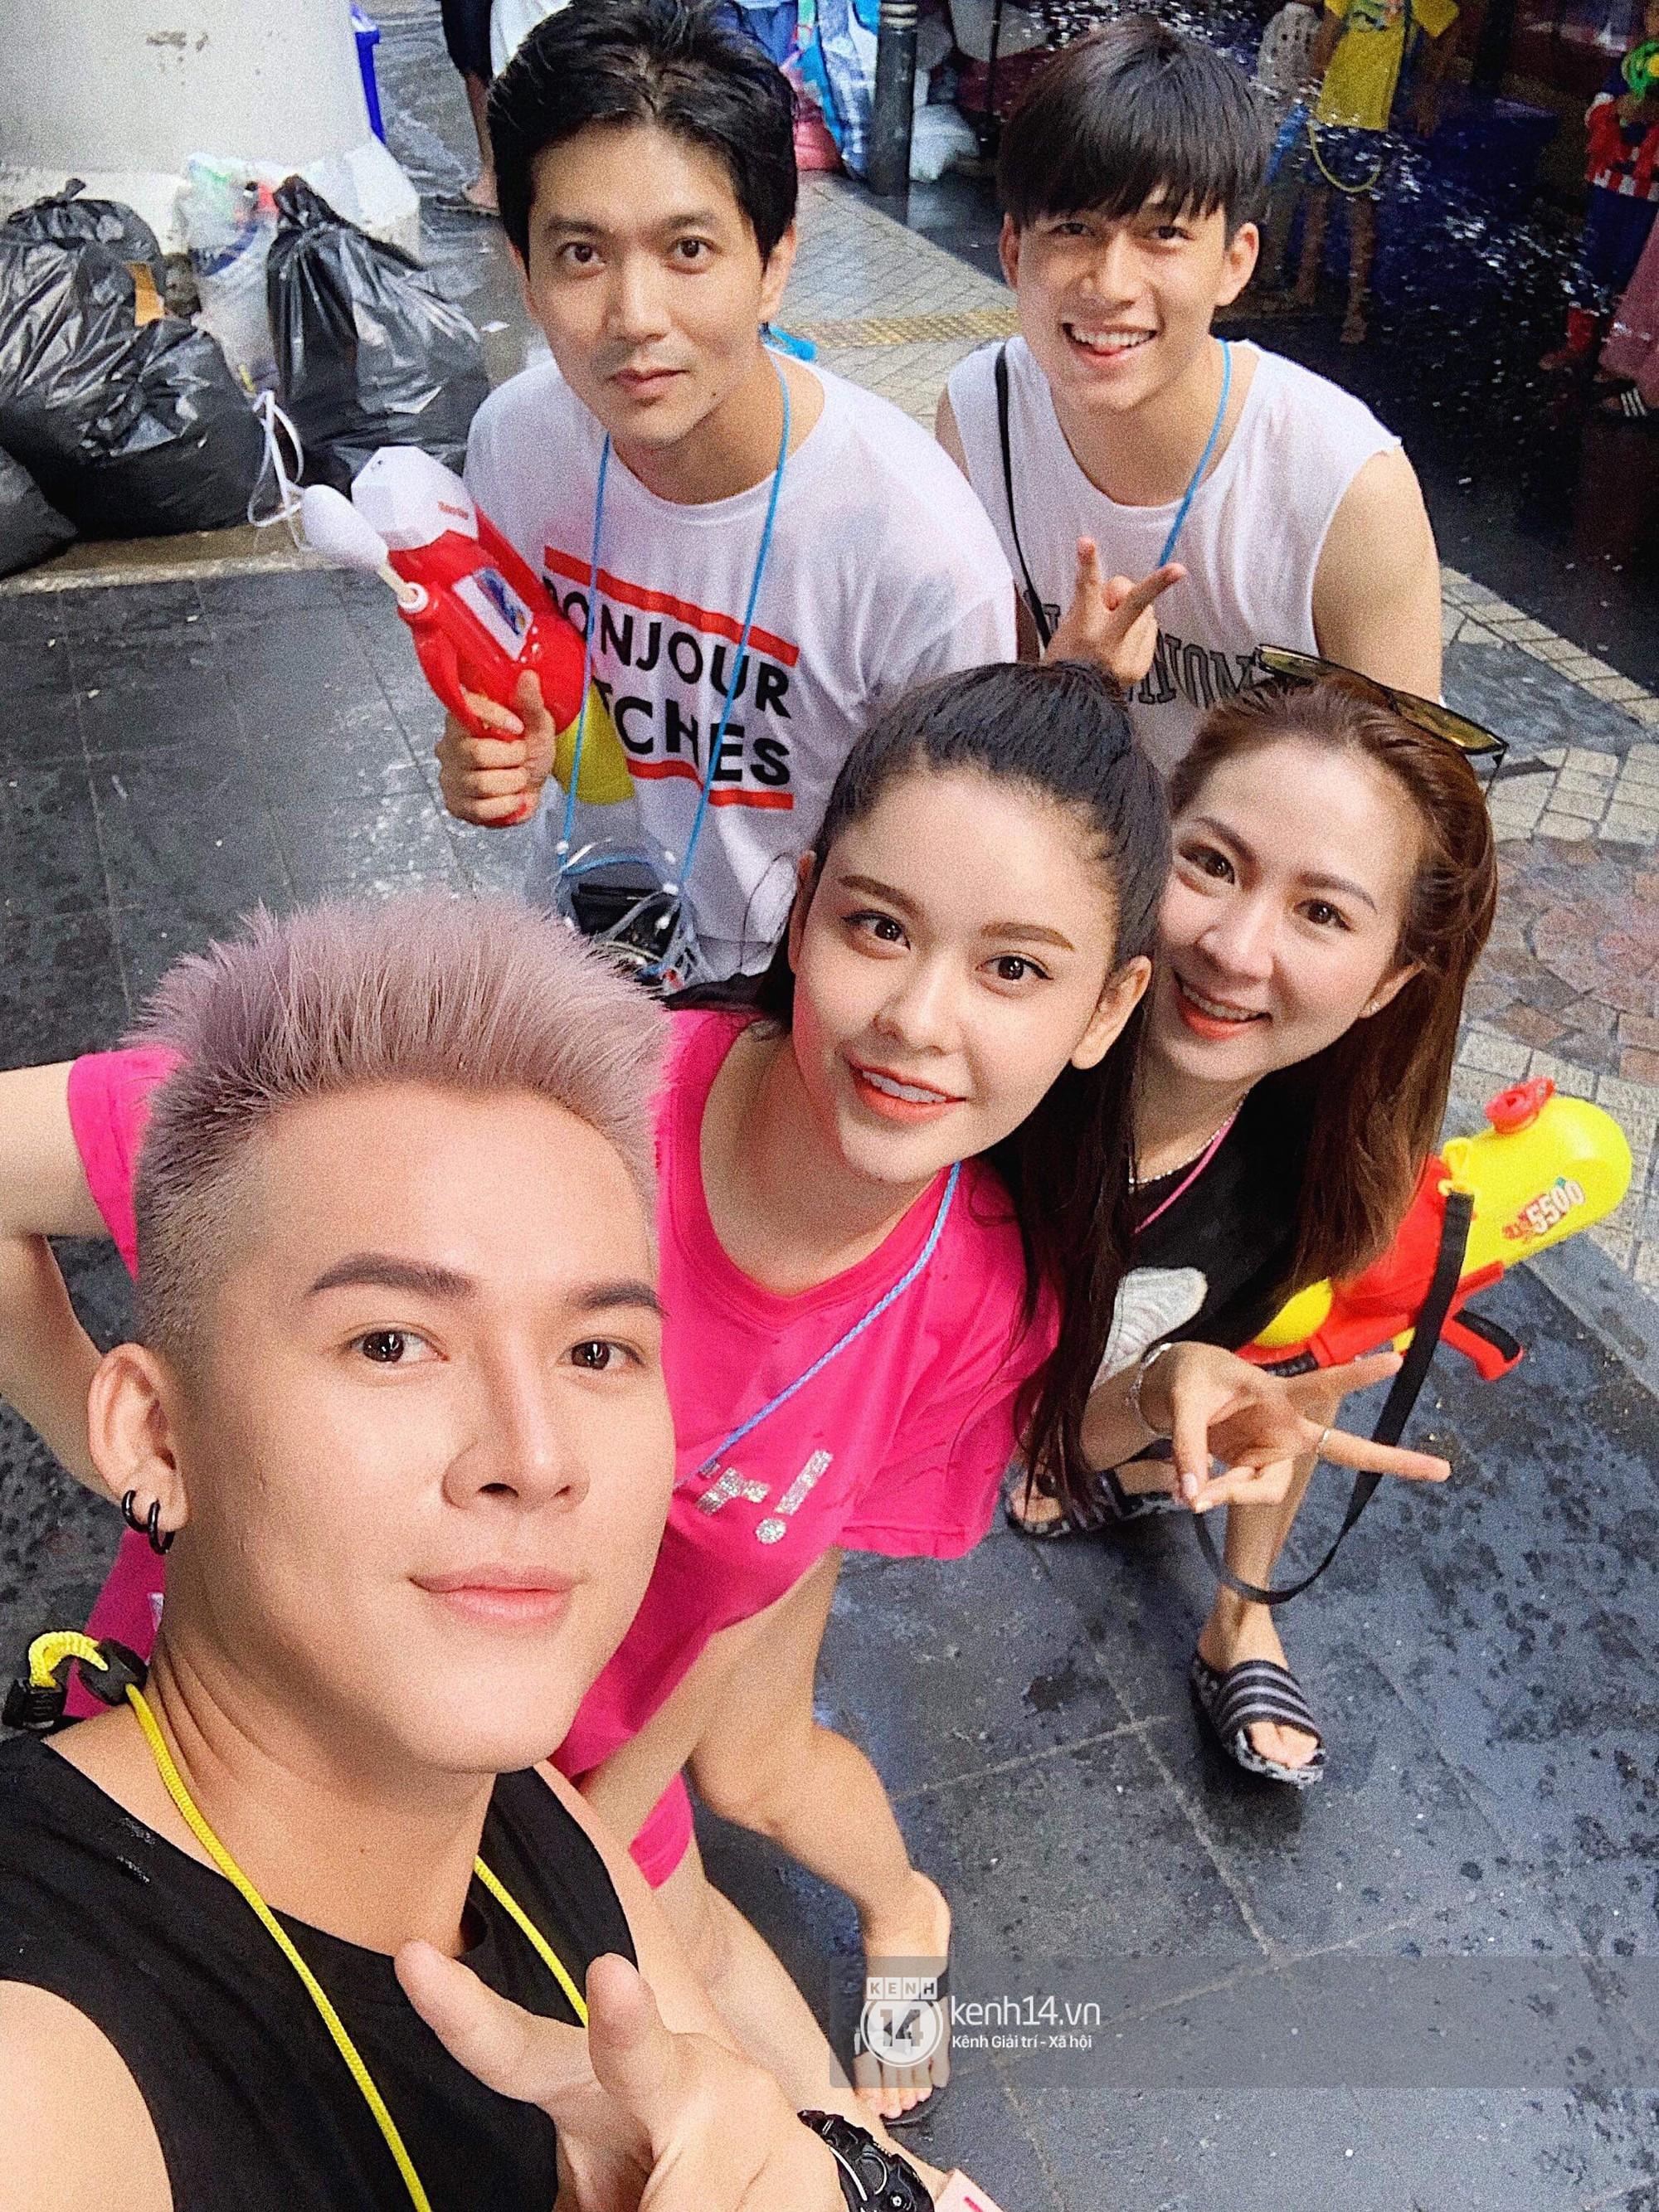 Hàng ngàn bạn trẻ Việt đang đổ về Bangkok để hoà vào dòng người chơi té nước Songkran! - Ảnh 5.